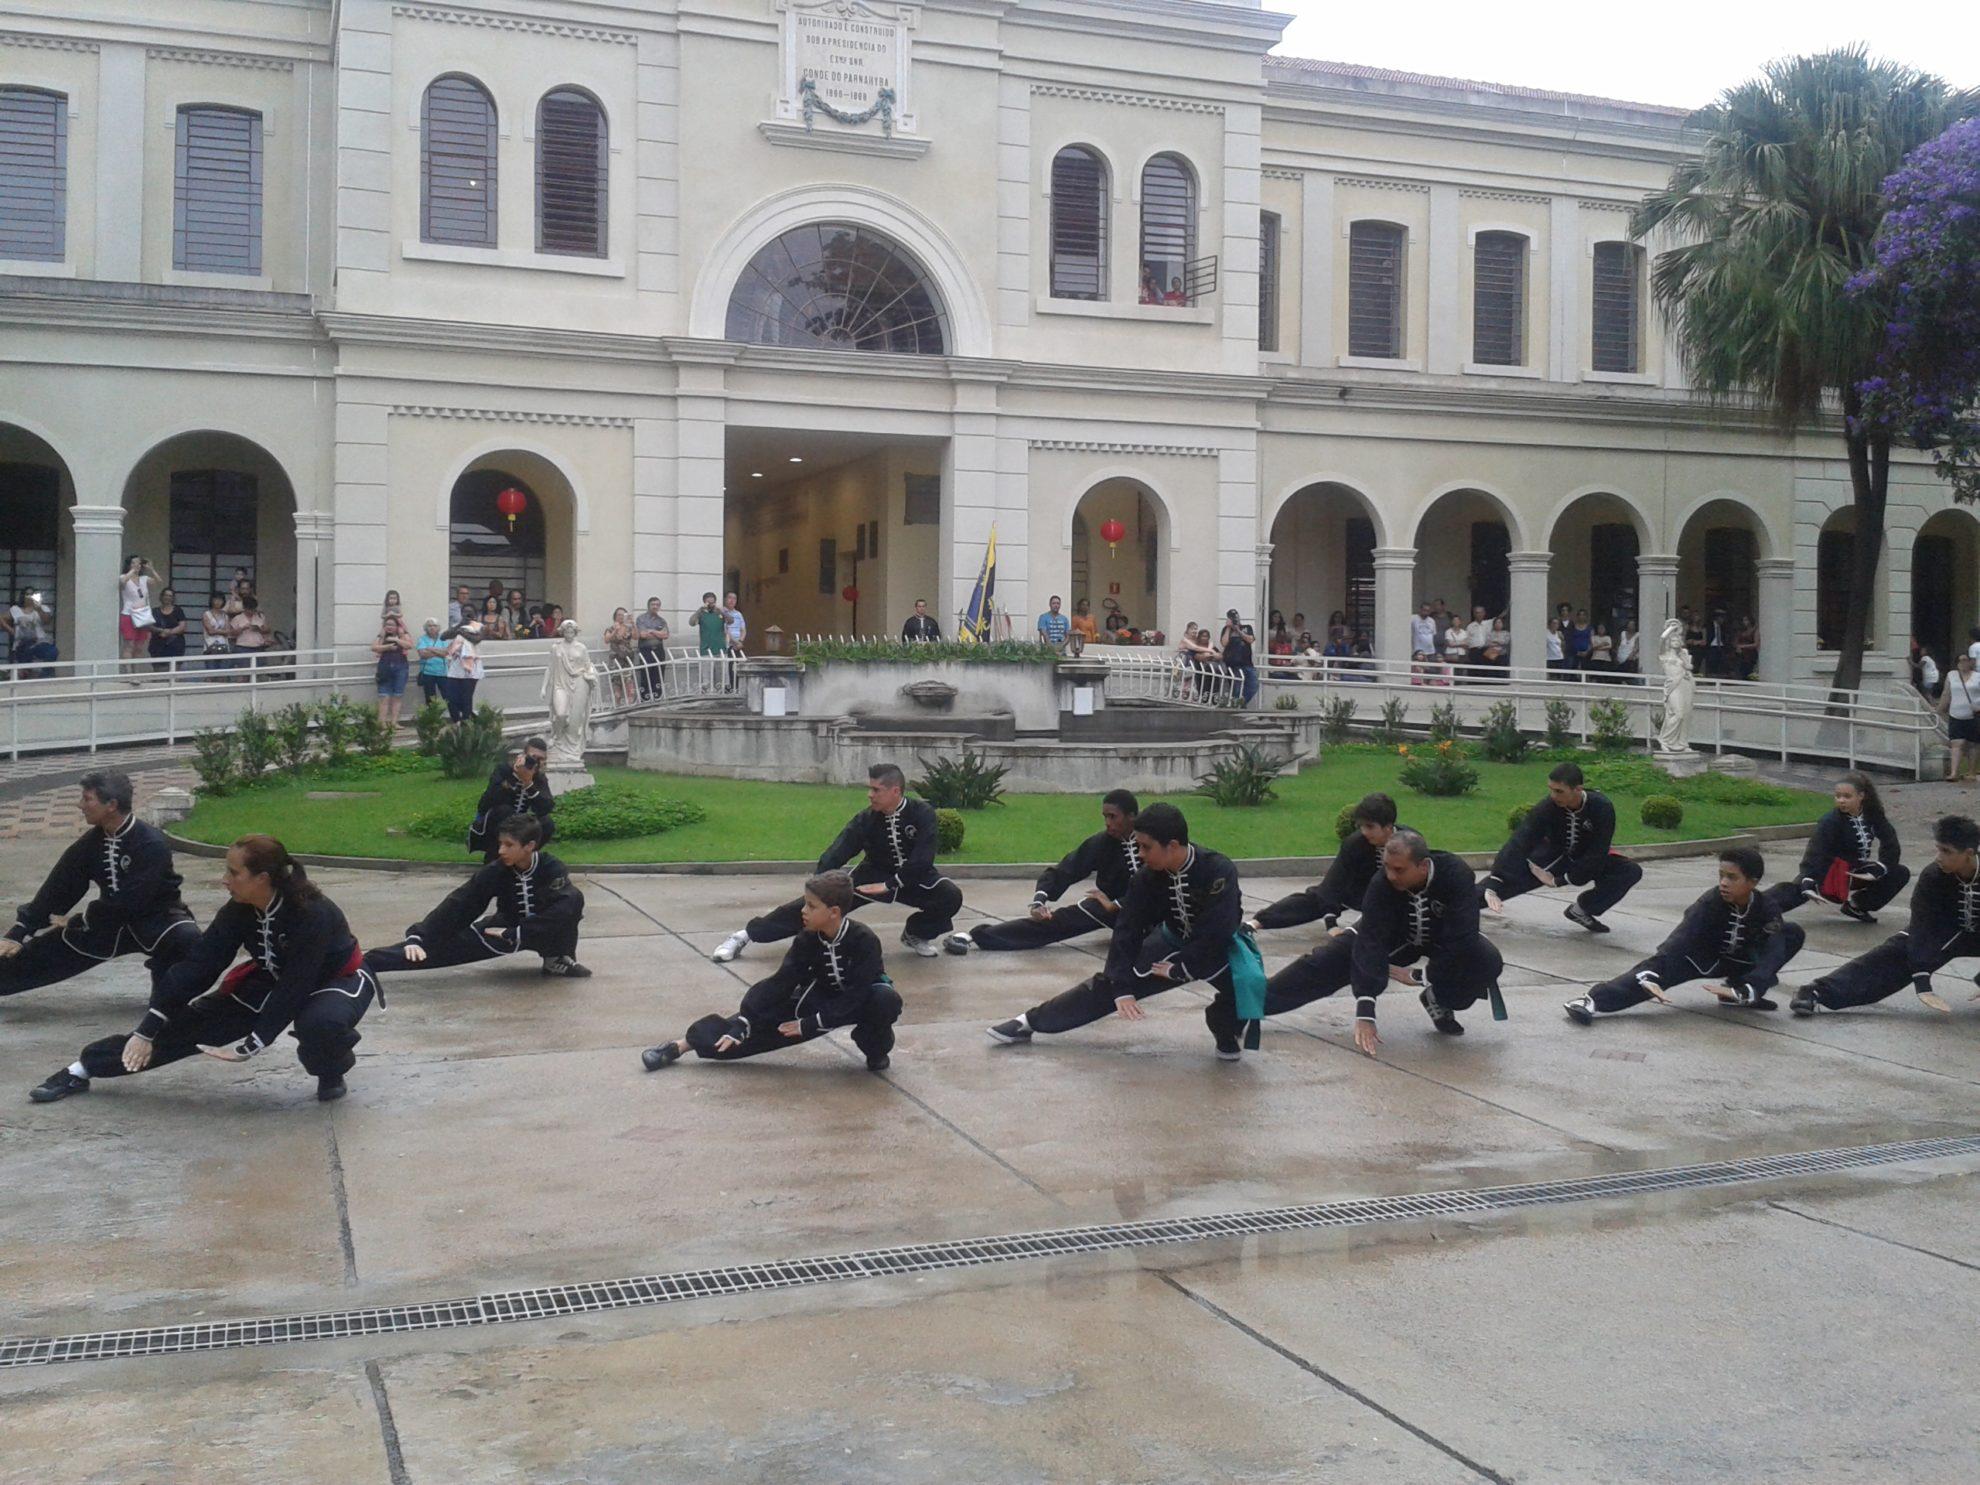 Mesmo com chuva, público acompanhou as atividades no Museu da Imigração. Crédito: Rodrigo Borges Delfim